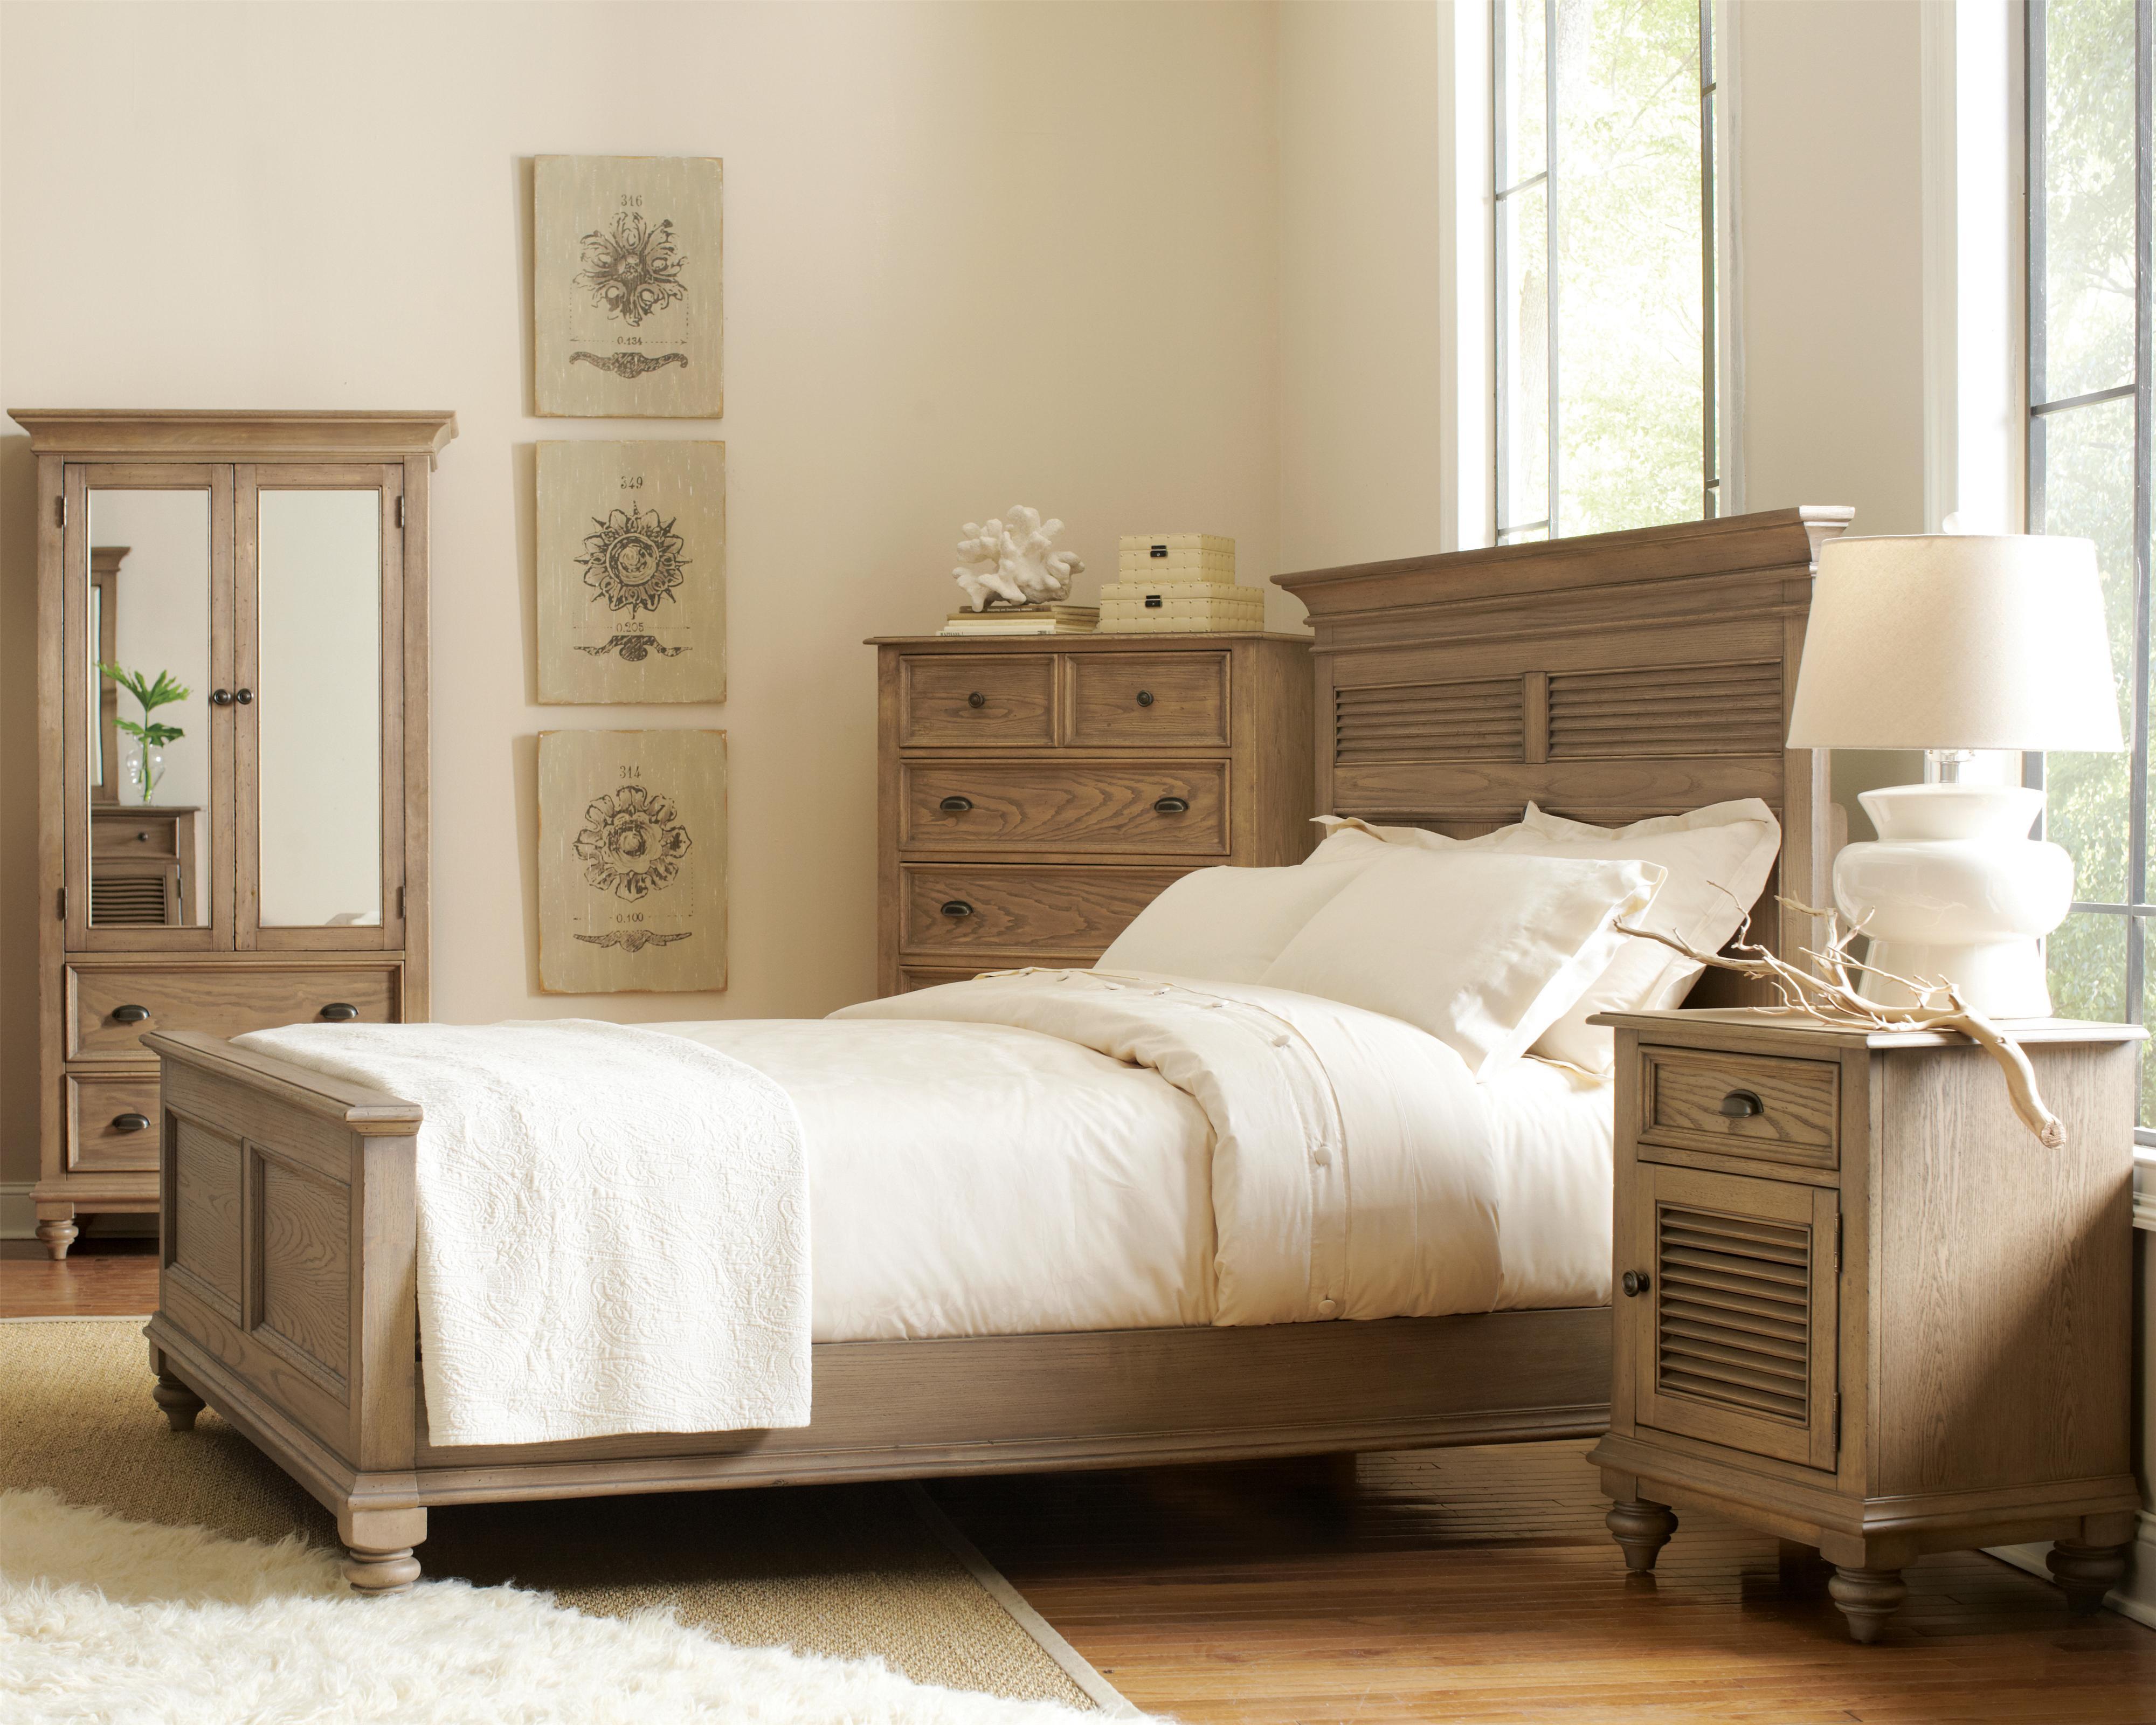 Riverside Furniture Coventry King Bedroom Group - Item Number: 32400 K Bedroom Group 7